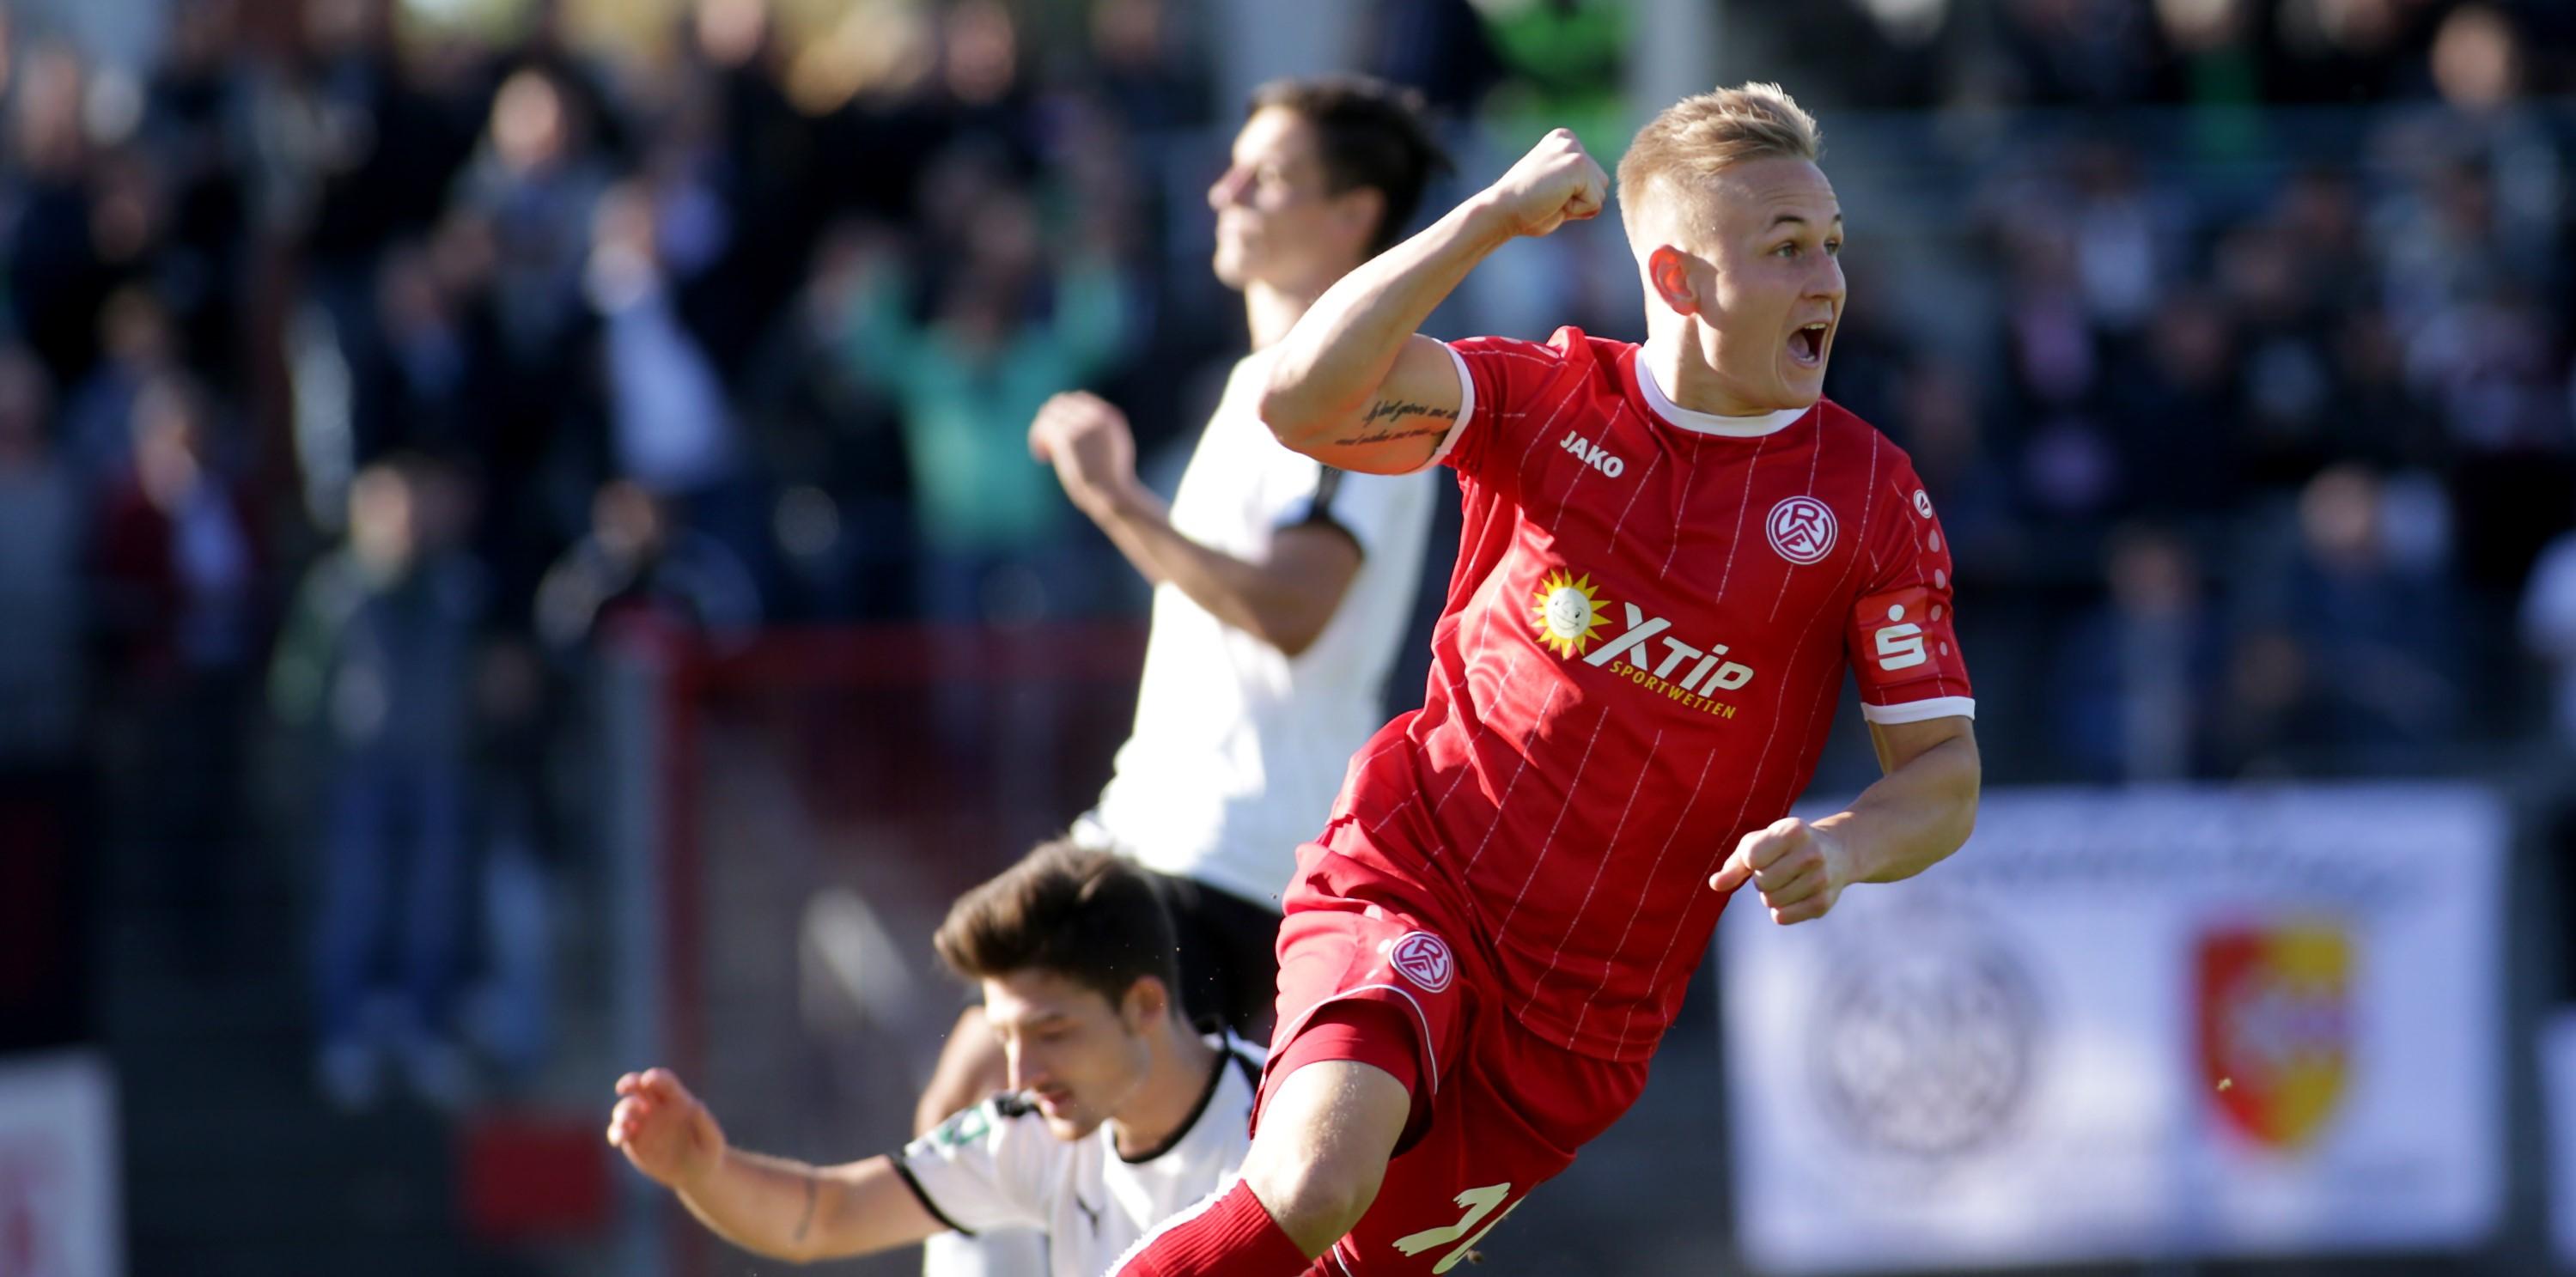 Kai Pröger sorgte im Spiel gegen Wattenscheid für den Führungstreffer. (Bild: Endberg)